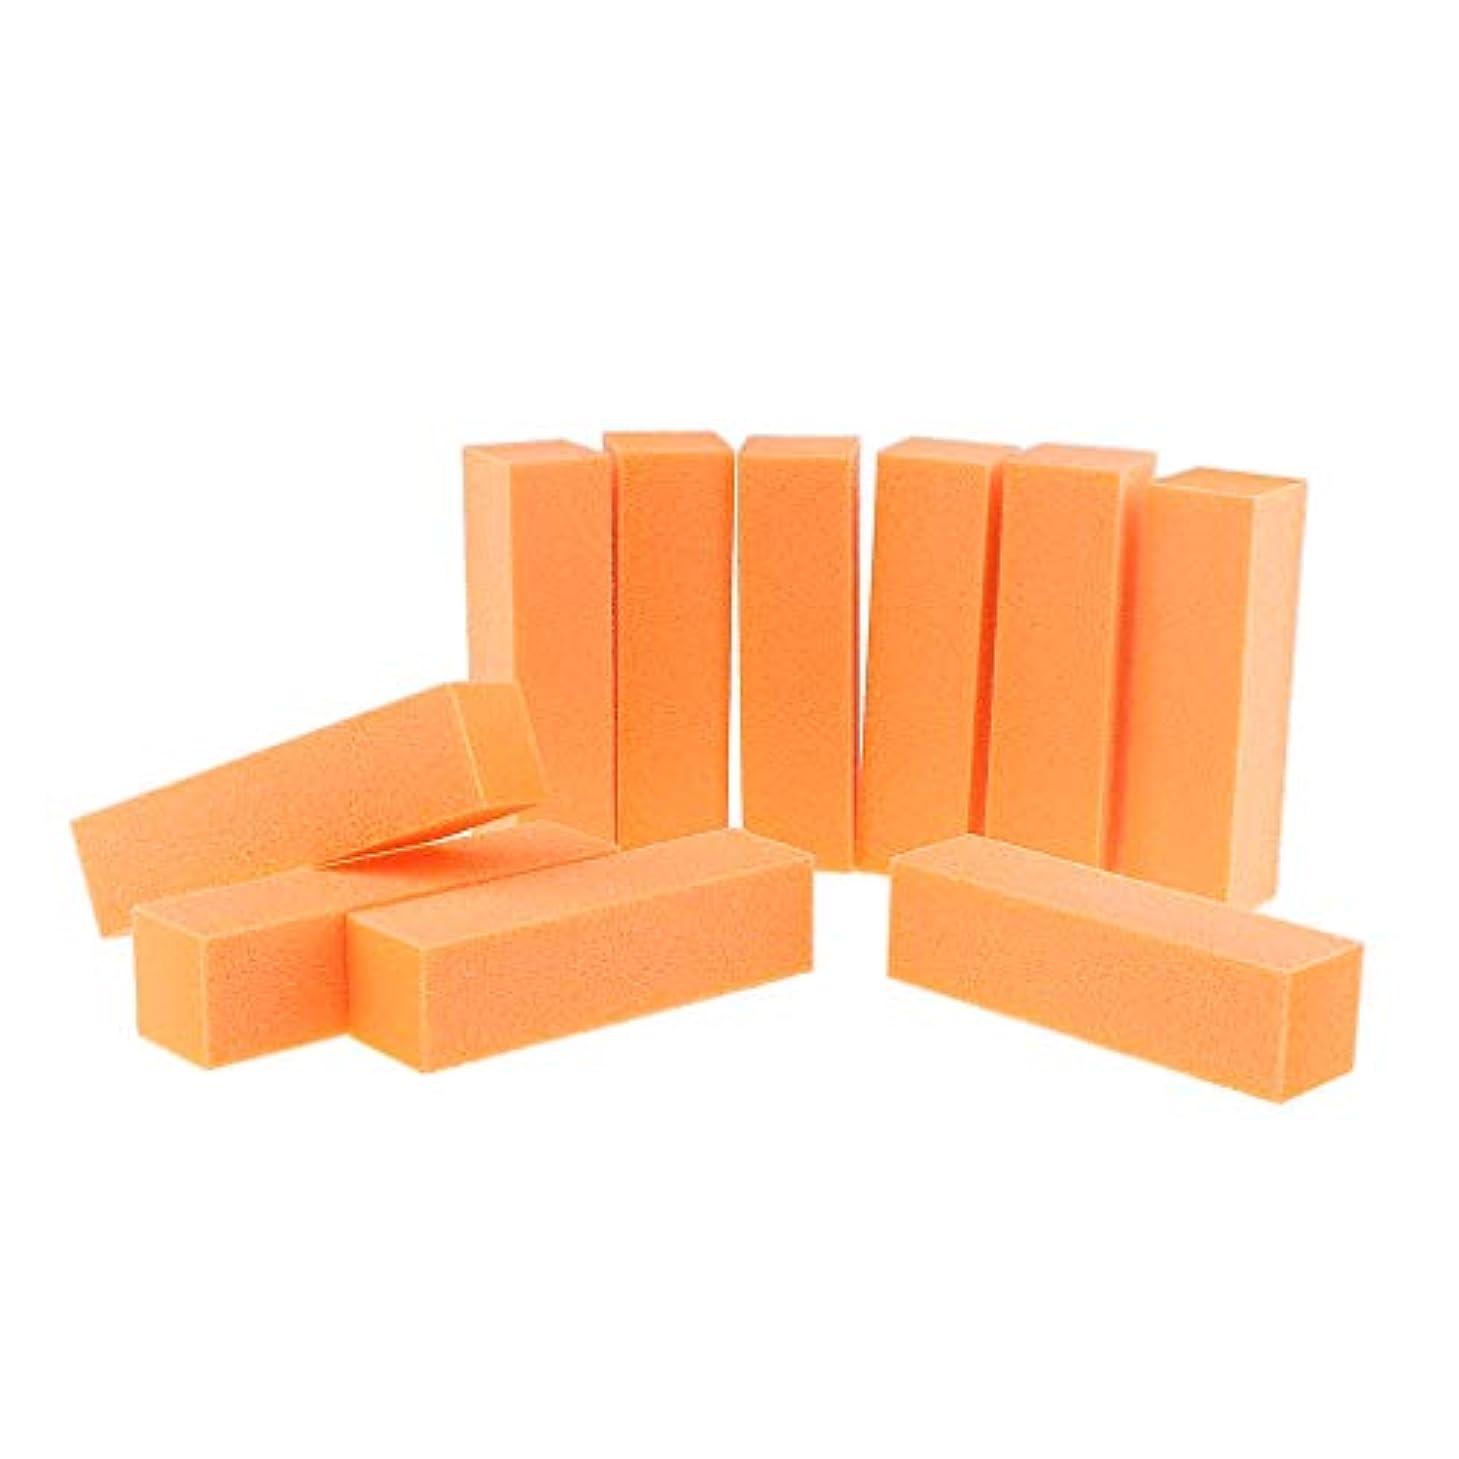 線代理店飼いならす10PCSネイルアートケアバッファーバフ研磨サンディングブロックファイルグリットアクリルマニキュアツール-プロフェッショナルサロン使用または家庭用 - オレンジ